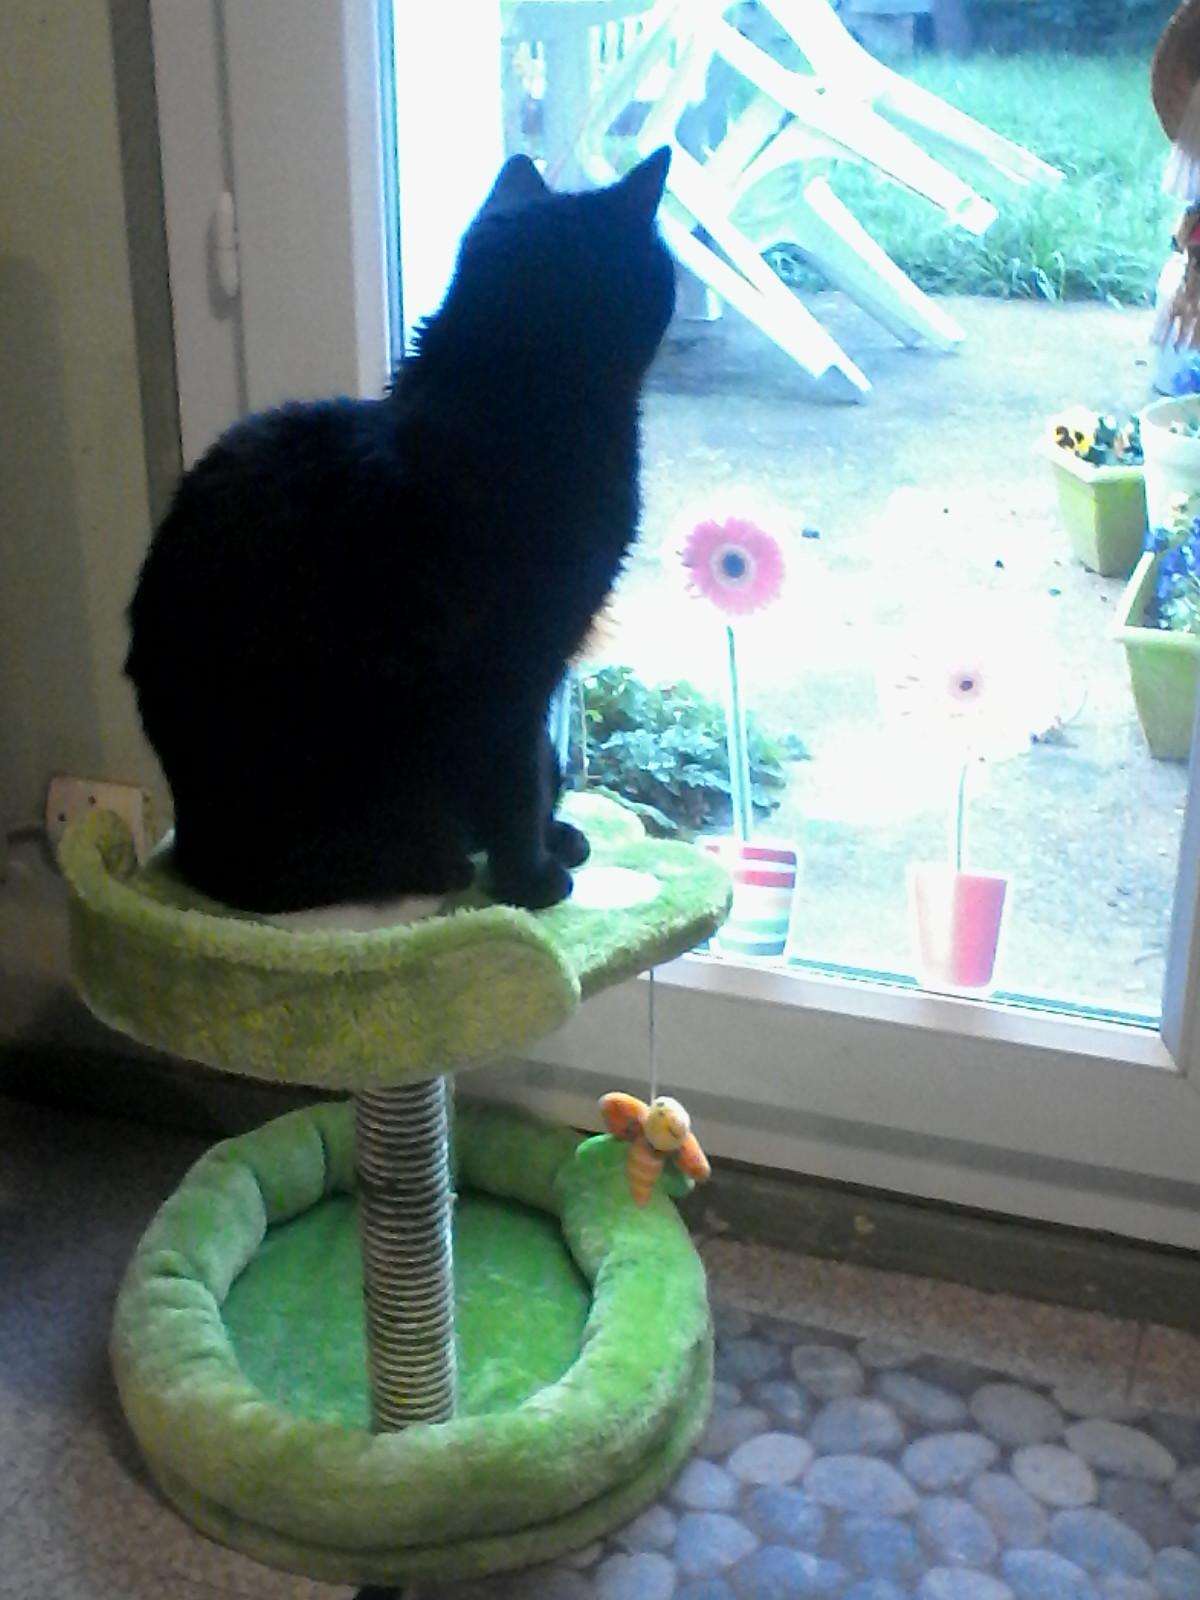 My cat1